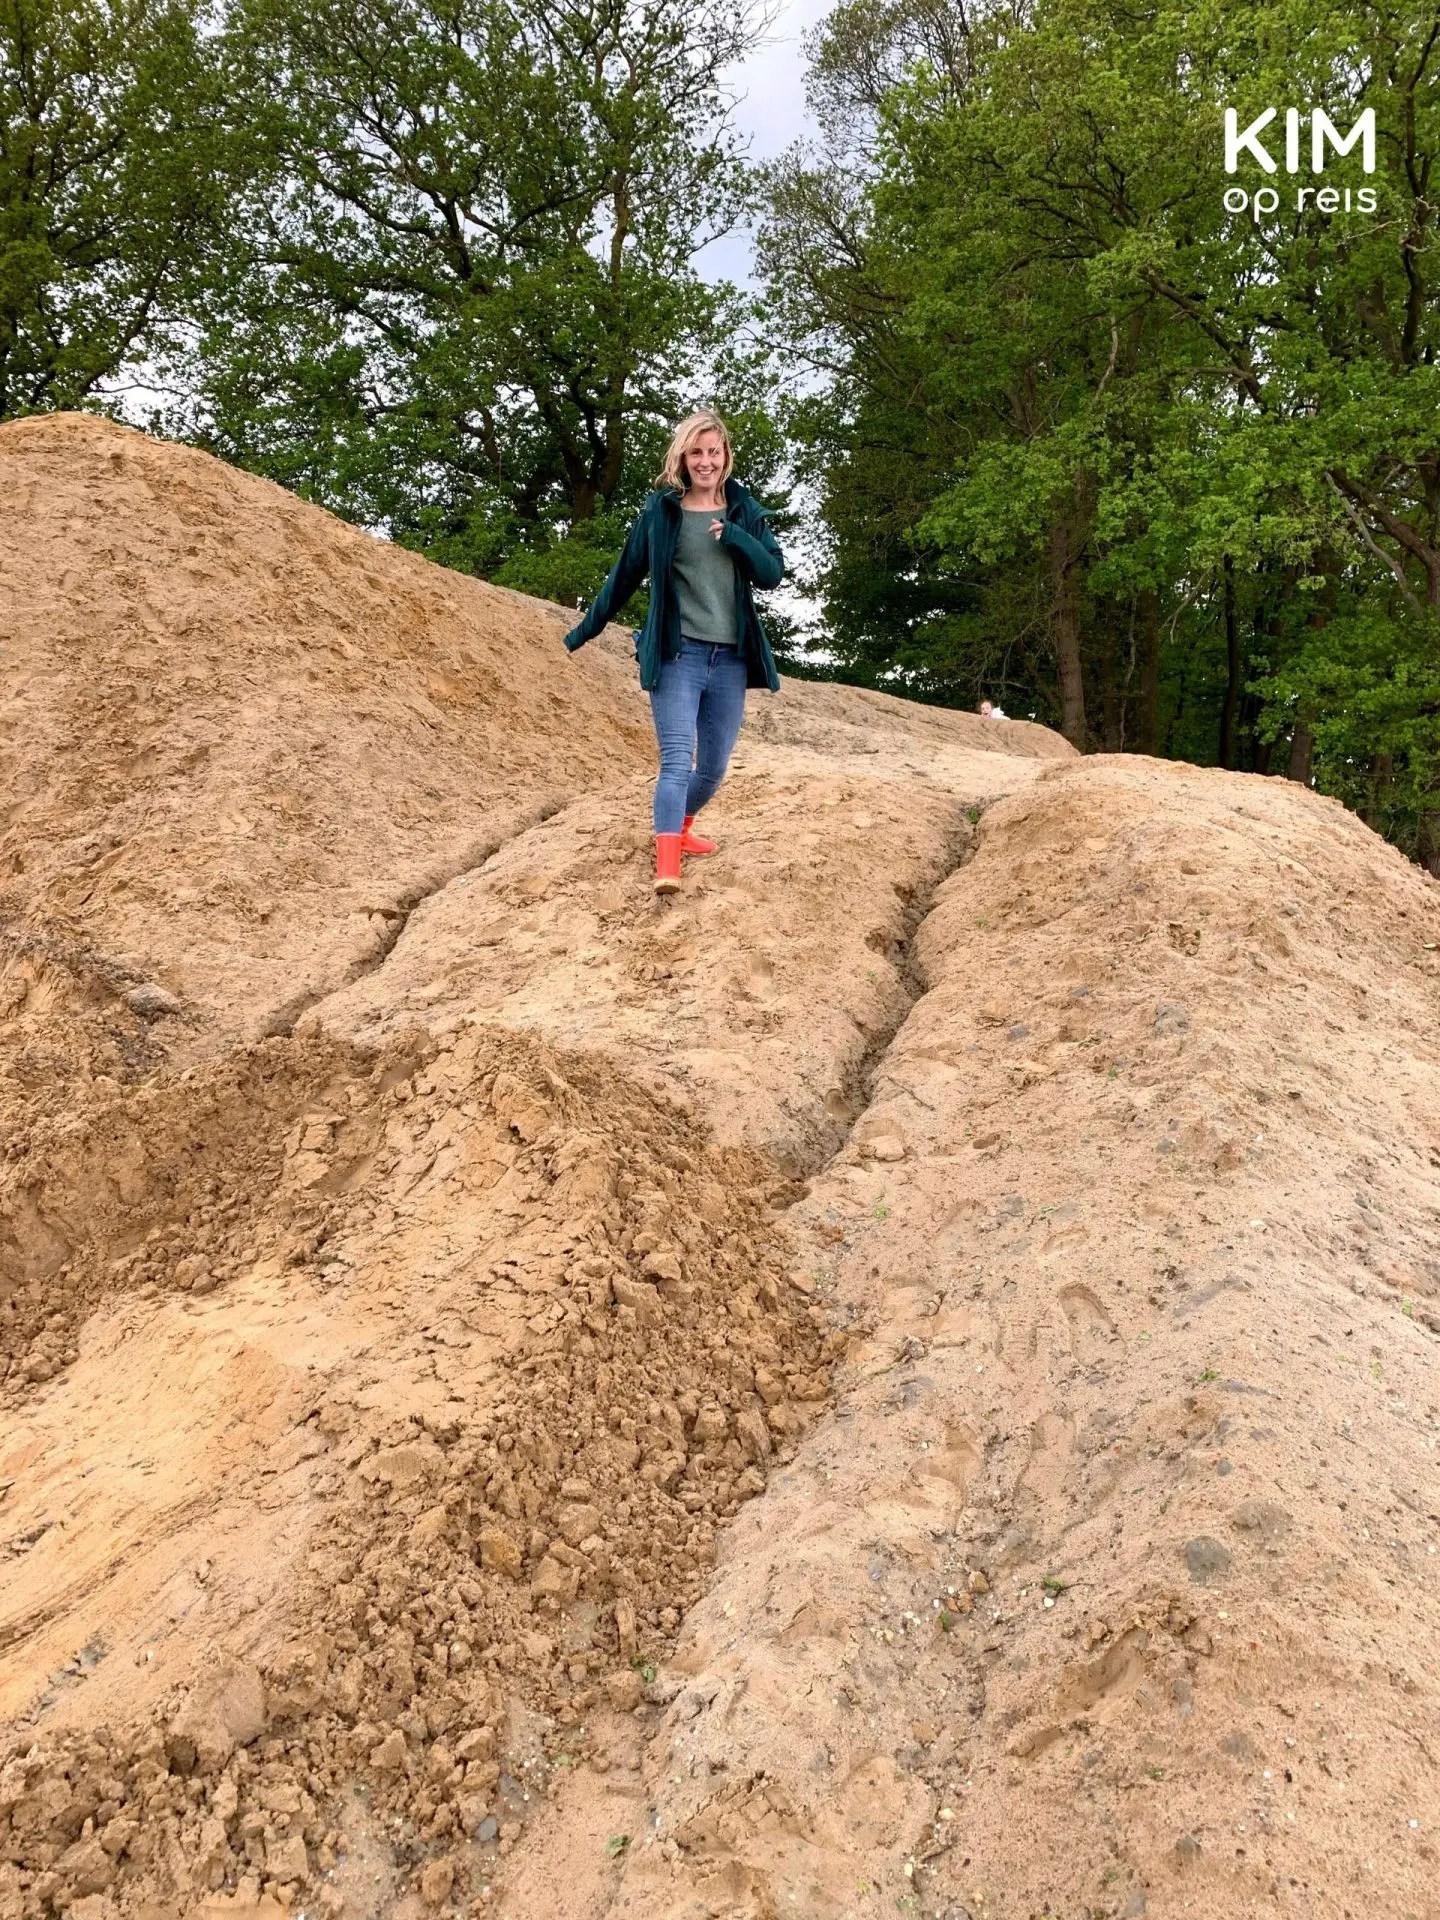 Regen pop-up glamping berg: Kim rent van een zand/kleiberg af